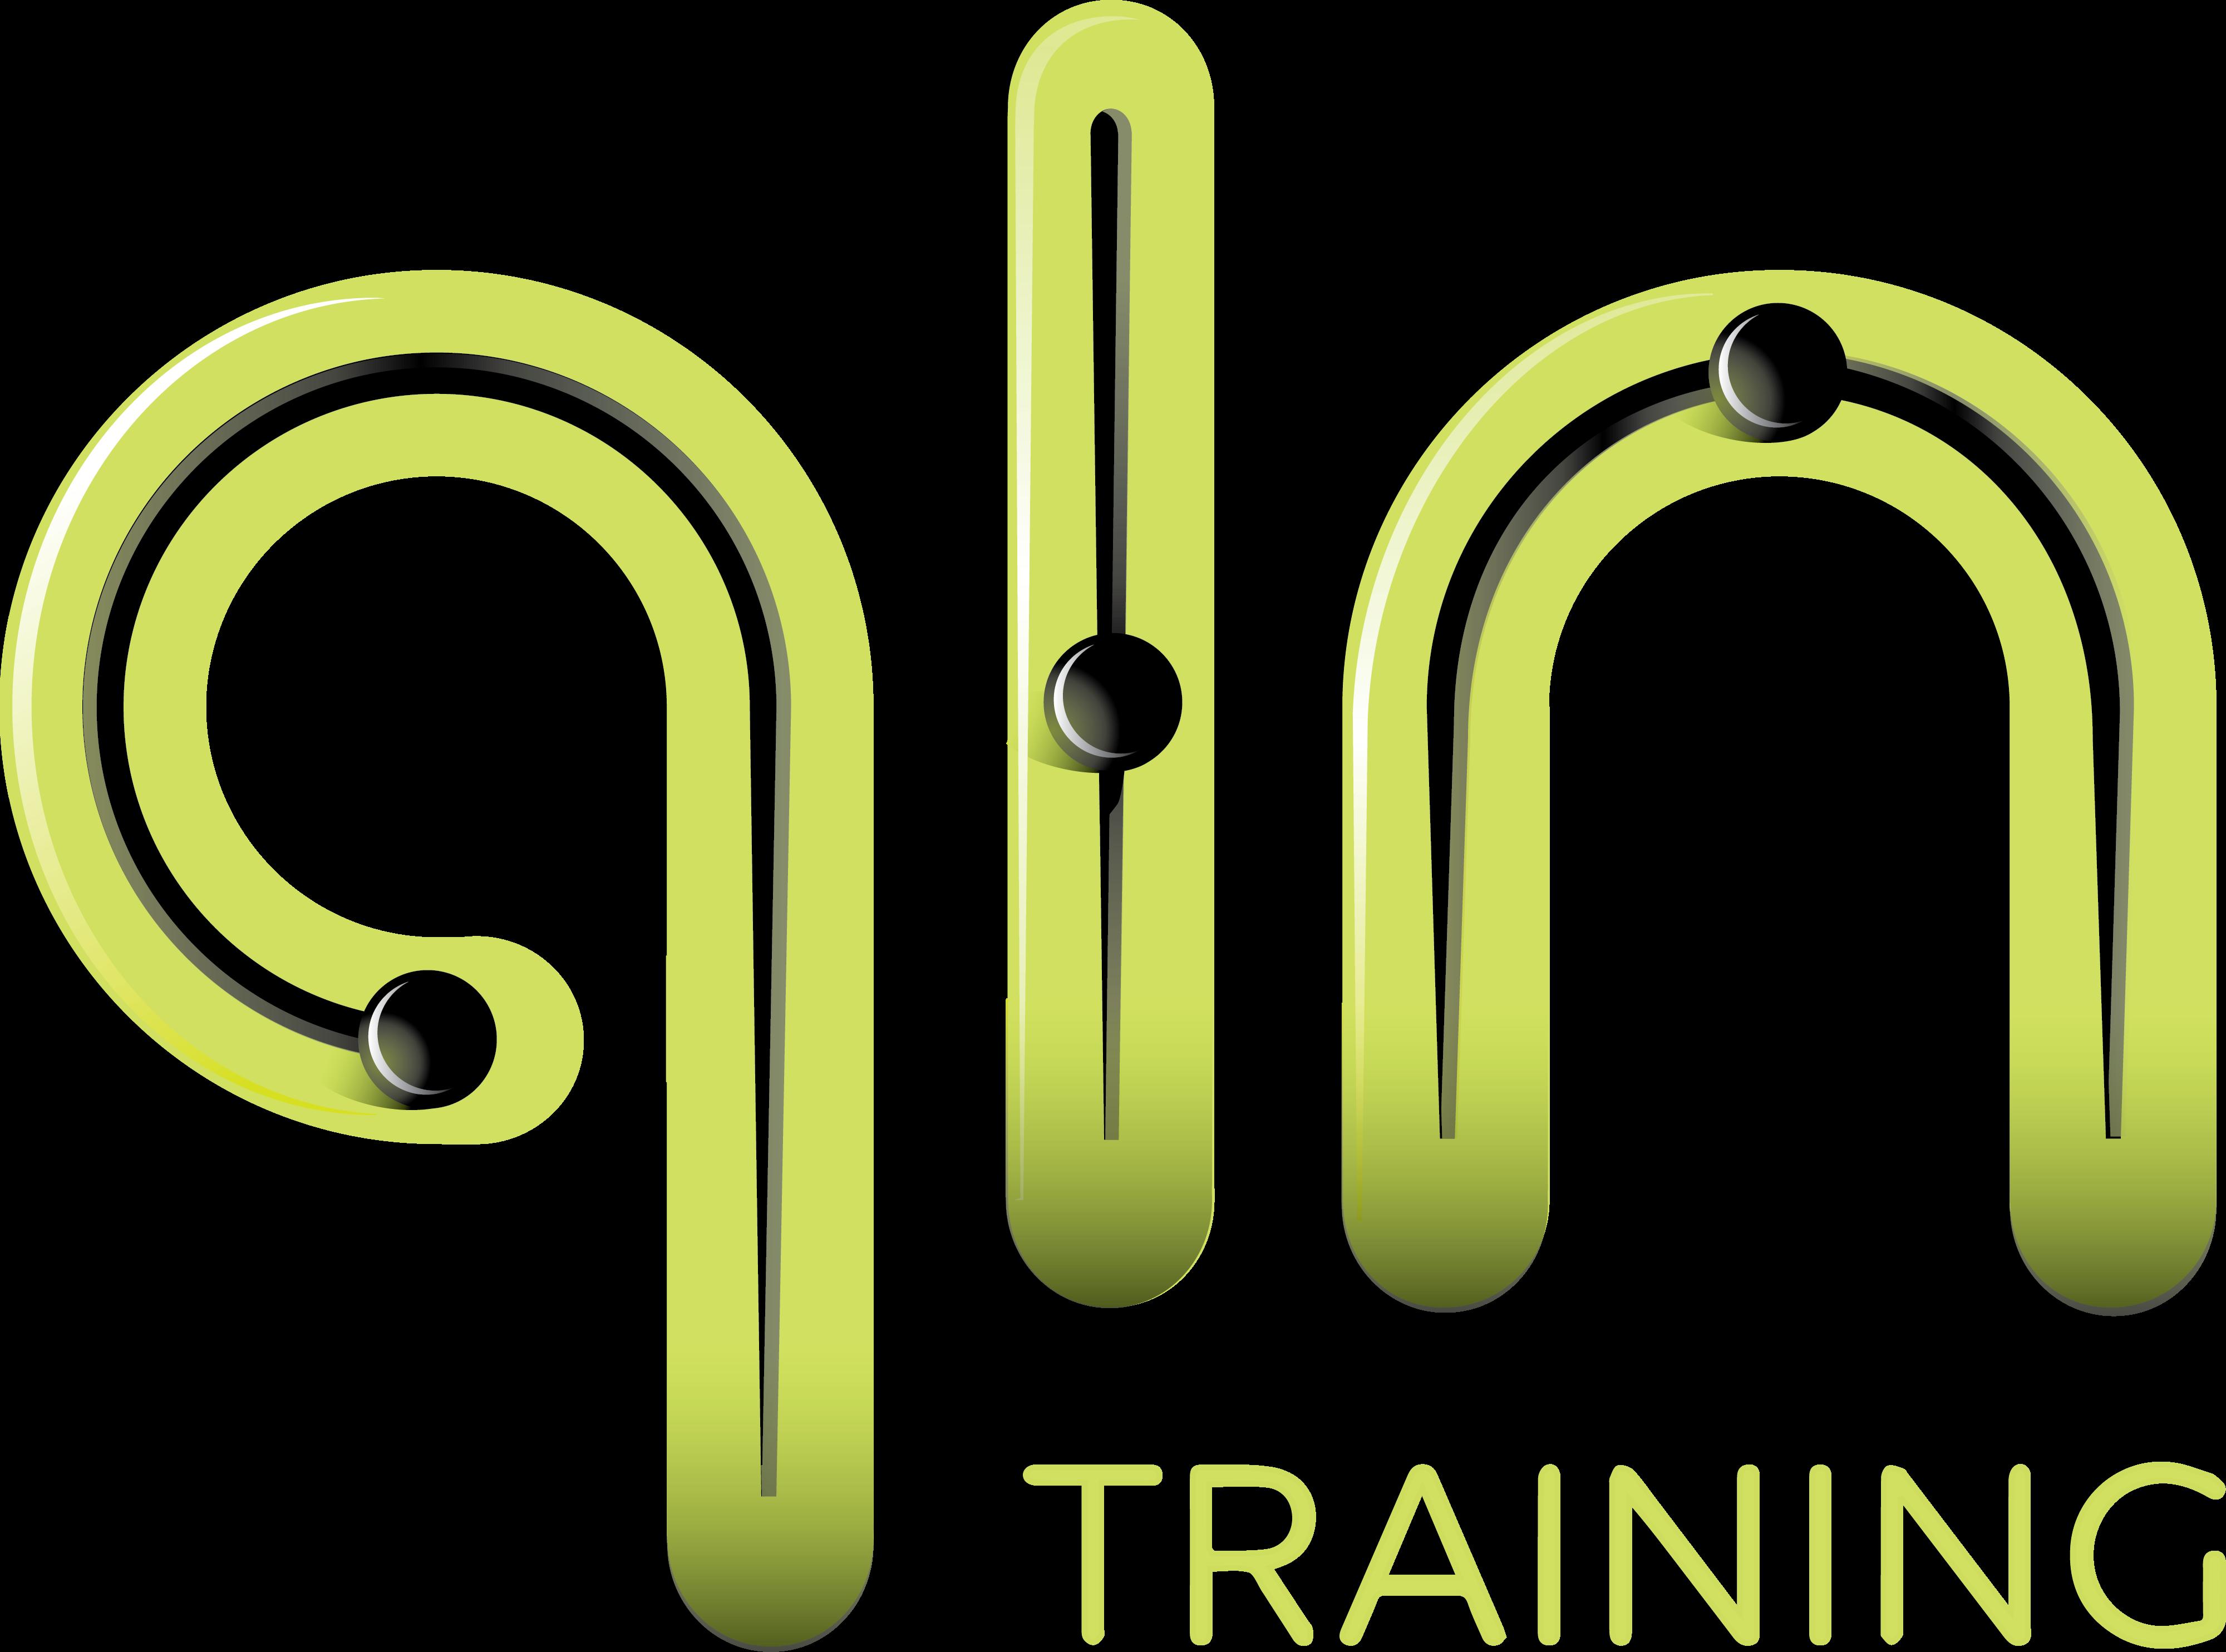 qln training